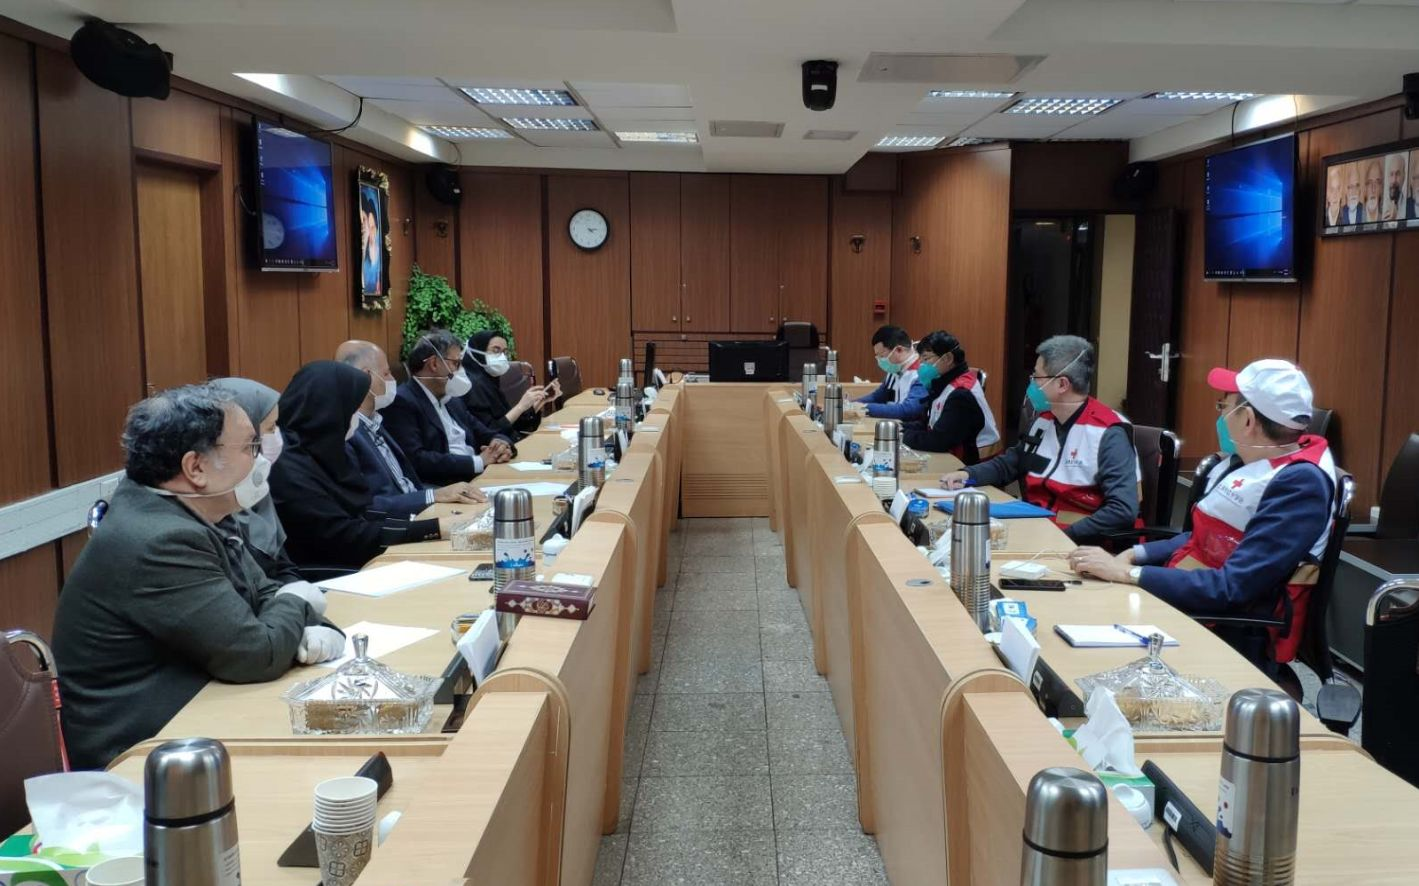 对话中国红会赴伊朗专家:他们好奇中国人缘何能宅14天图片